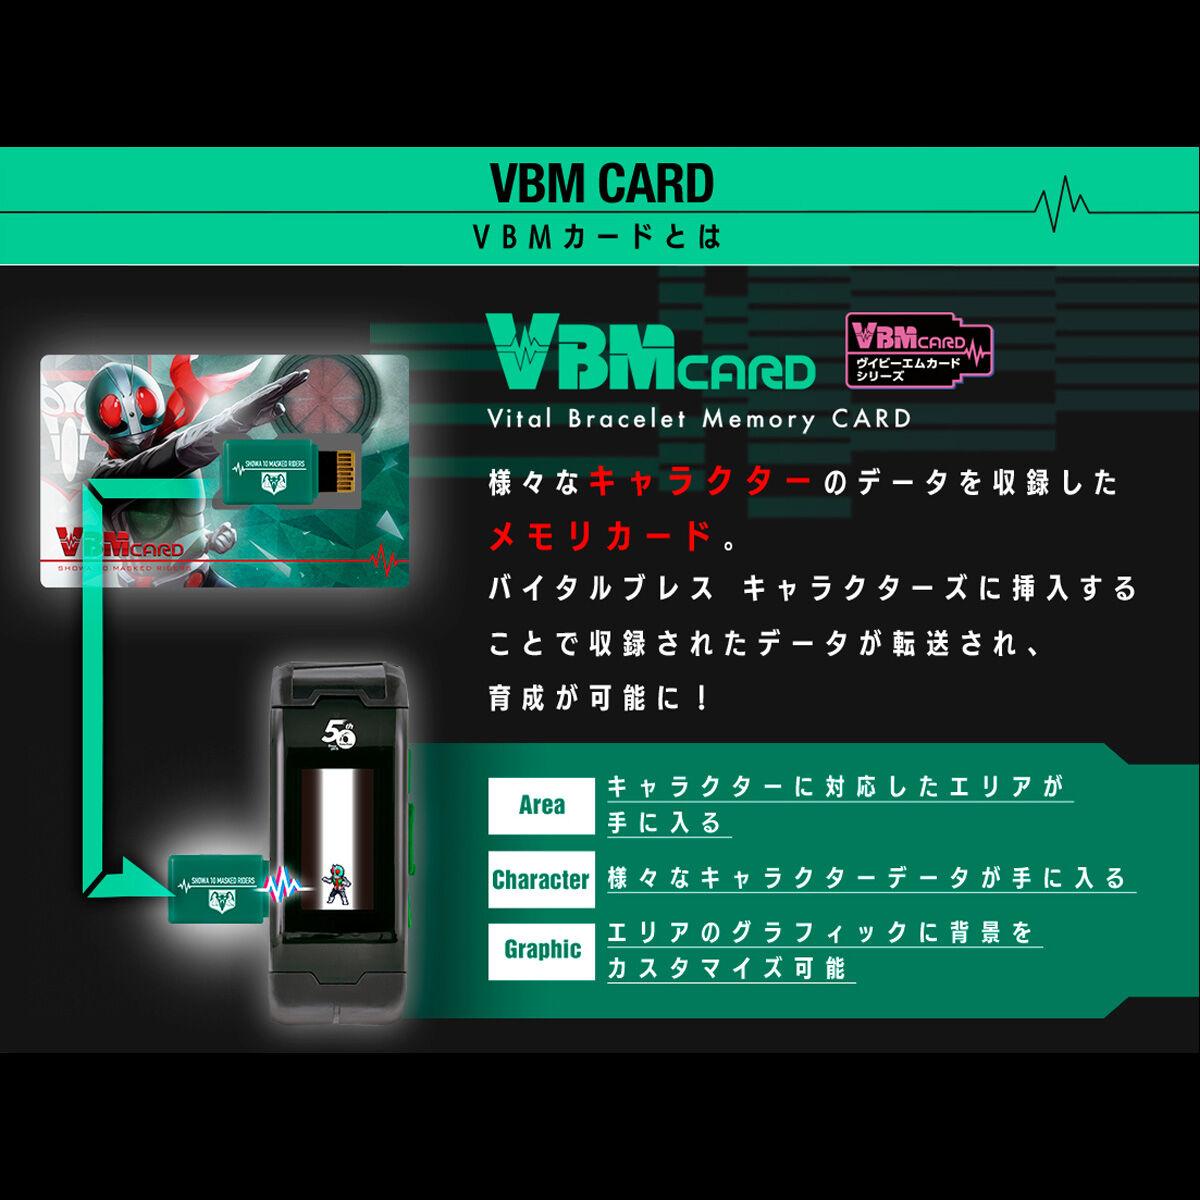 【限定販売】仮面ライダー『バイタルブレス キャラクターズ 仮面ライダー50thエディション』ウェアラブル液晶玩具-004